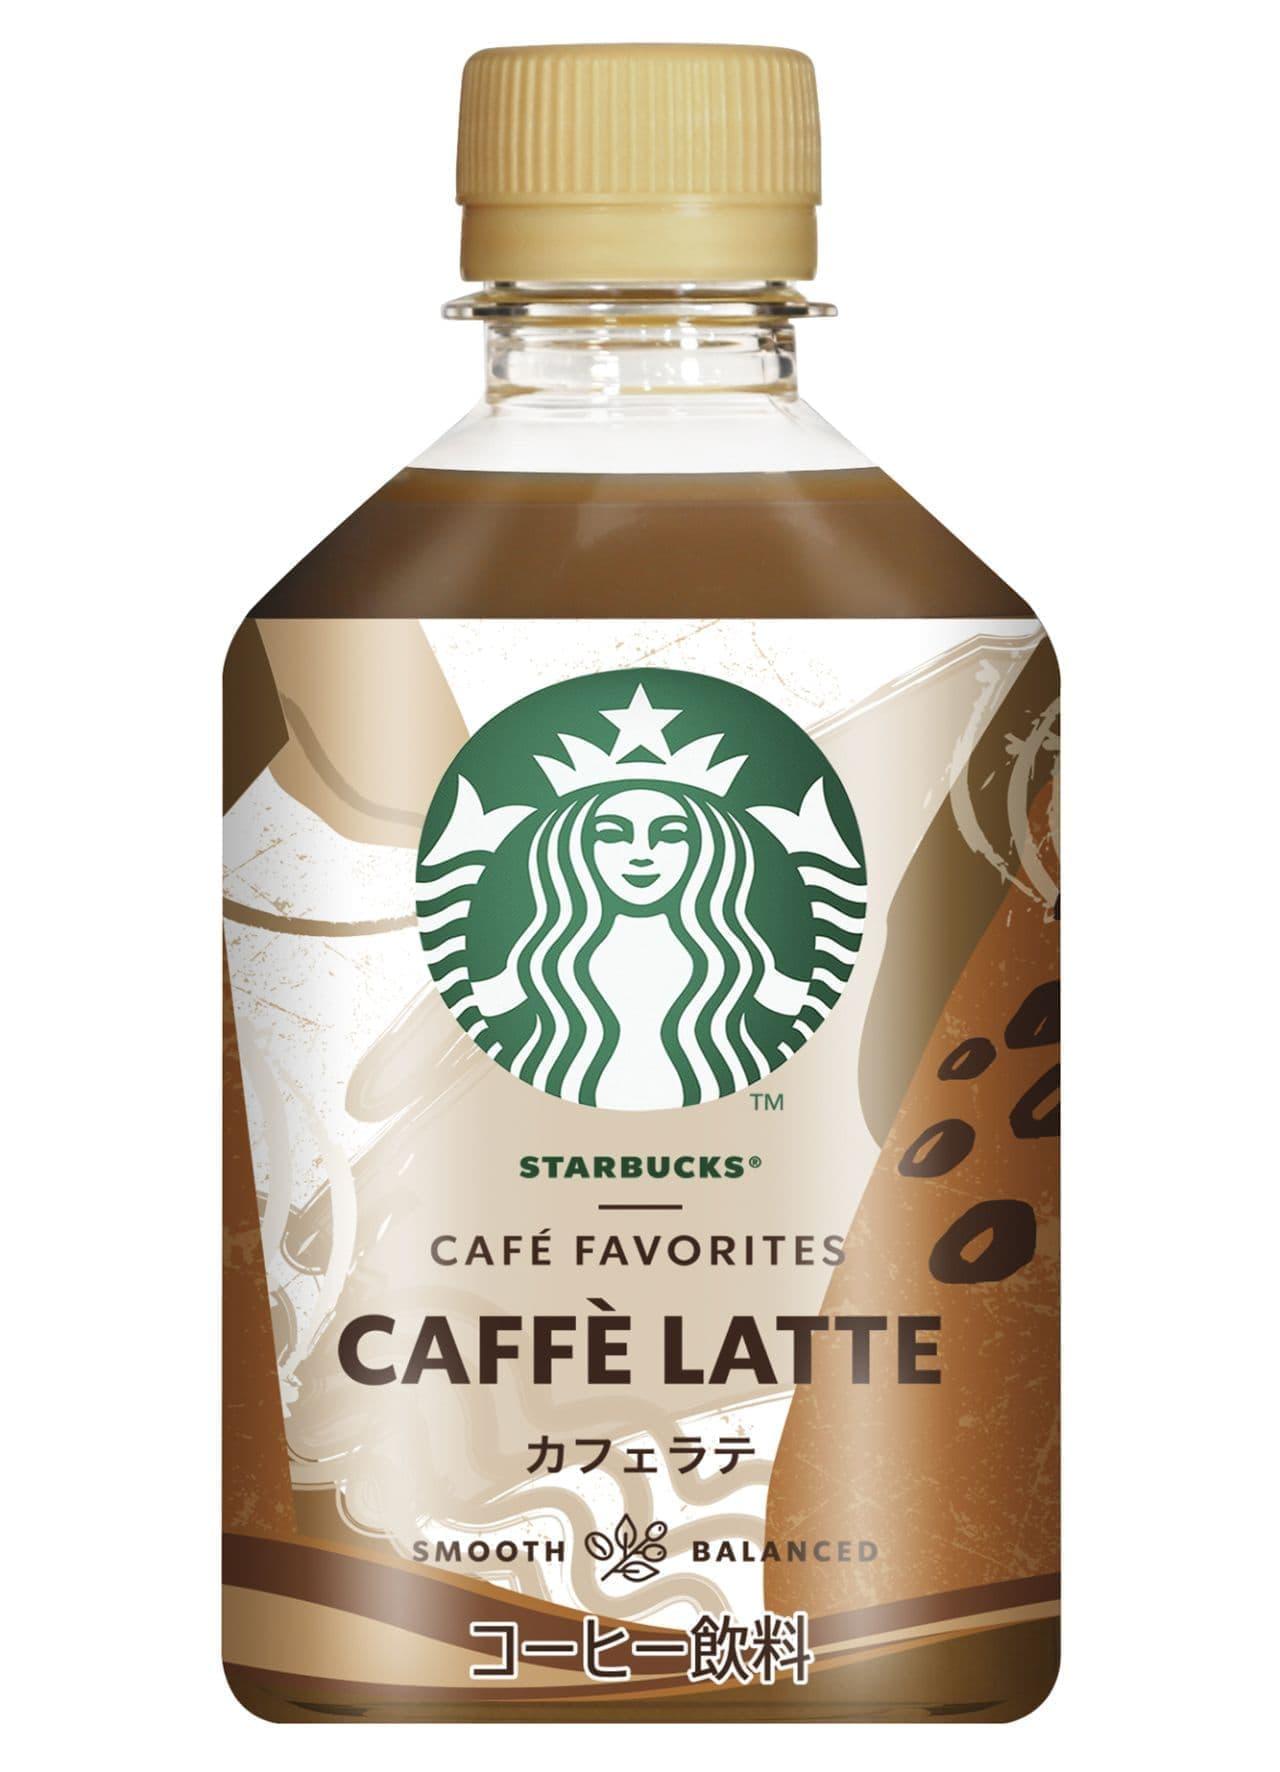 セブン&アイグループ限定「スターバックス CAFE FAVORITES カフェラテ」